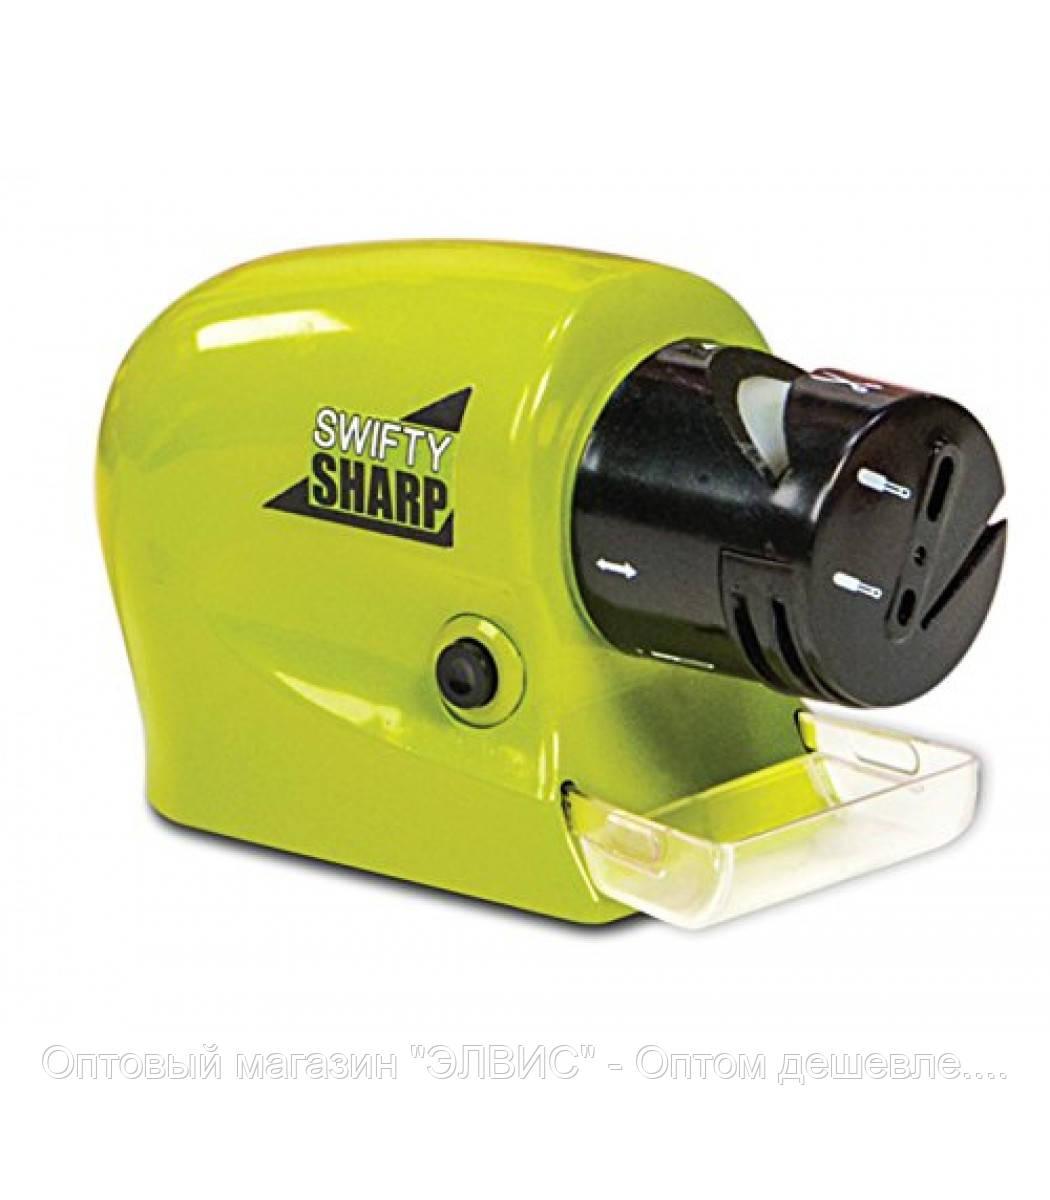 """Универсальная электроточилка. Точилка для ножей и ножниц Swifty Sharp  - Оптовый магазин """"ЭЛВИС"""" - Оптом дешевле. Нашли дешевле звоните сделаем еще дешевле! в Одессе"""